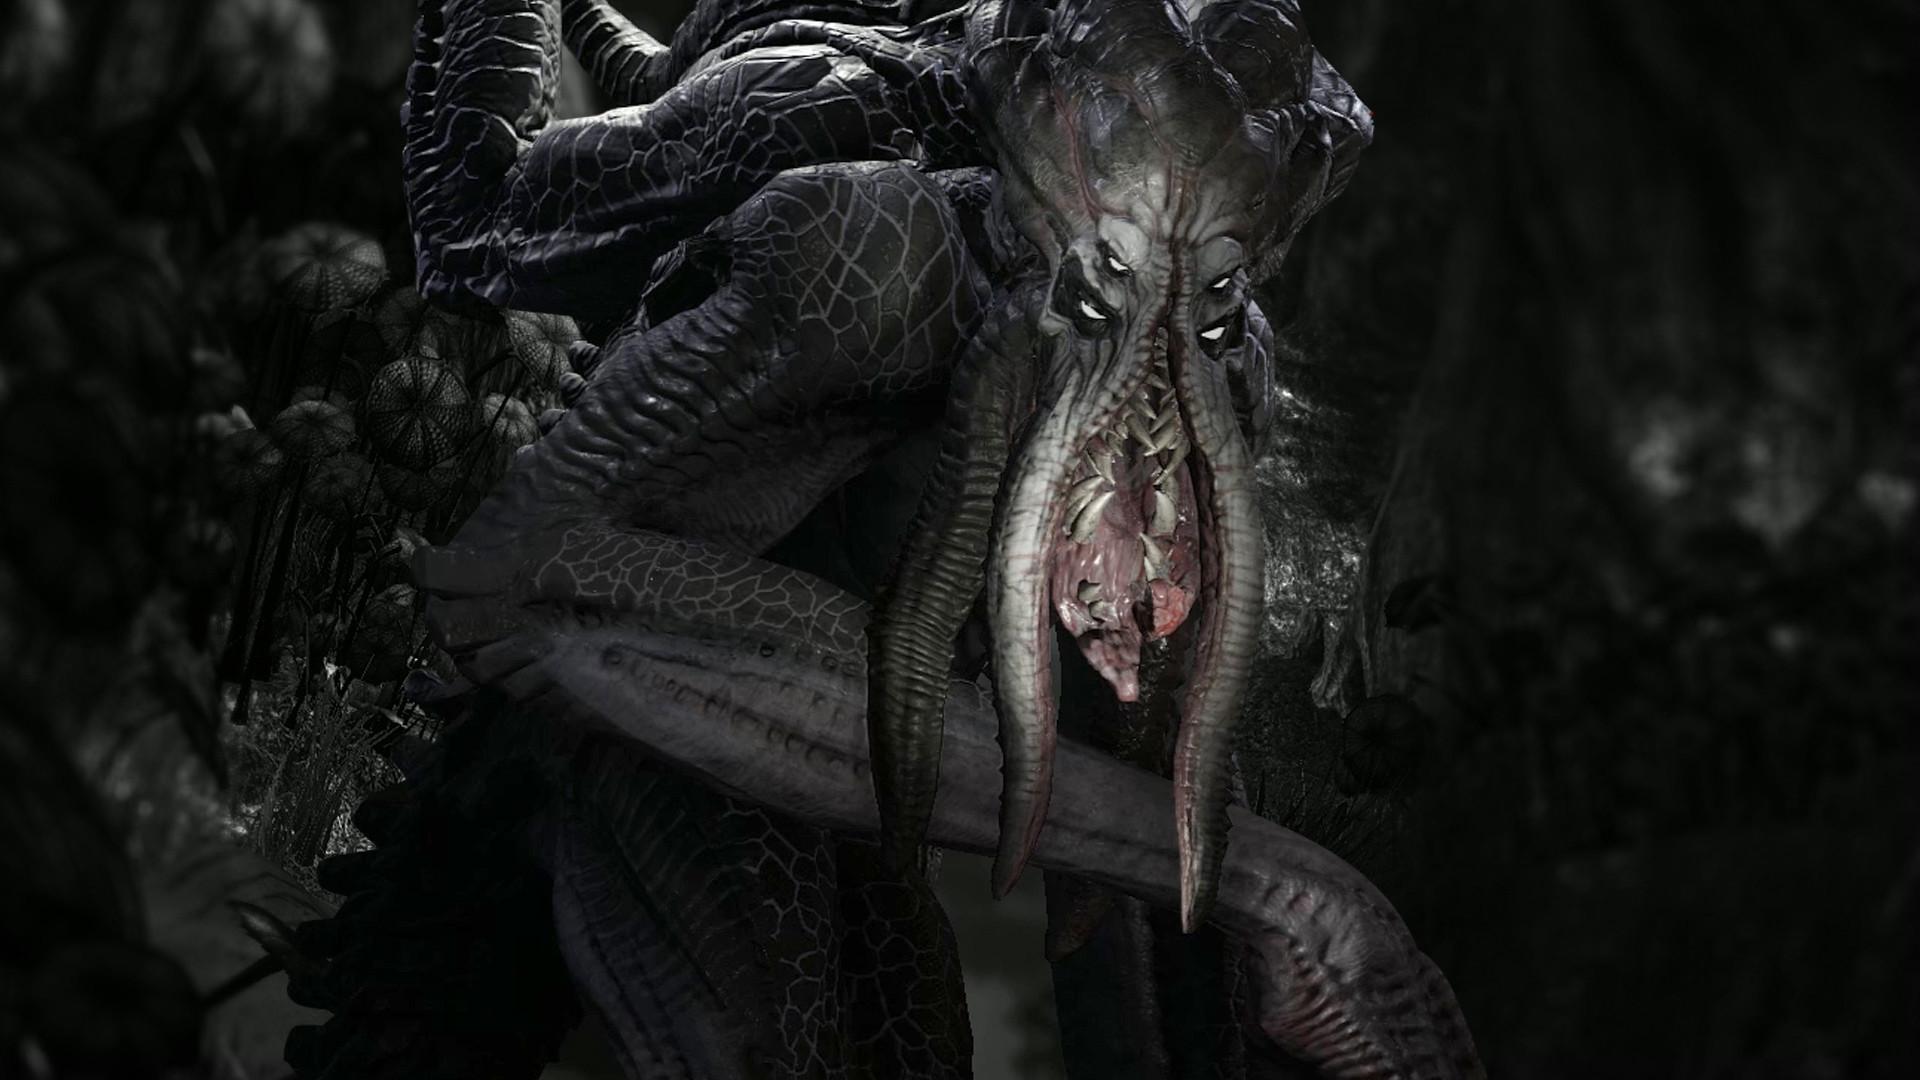 Evolve: The Mighty Kraken